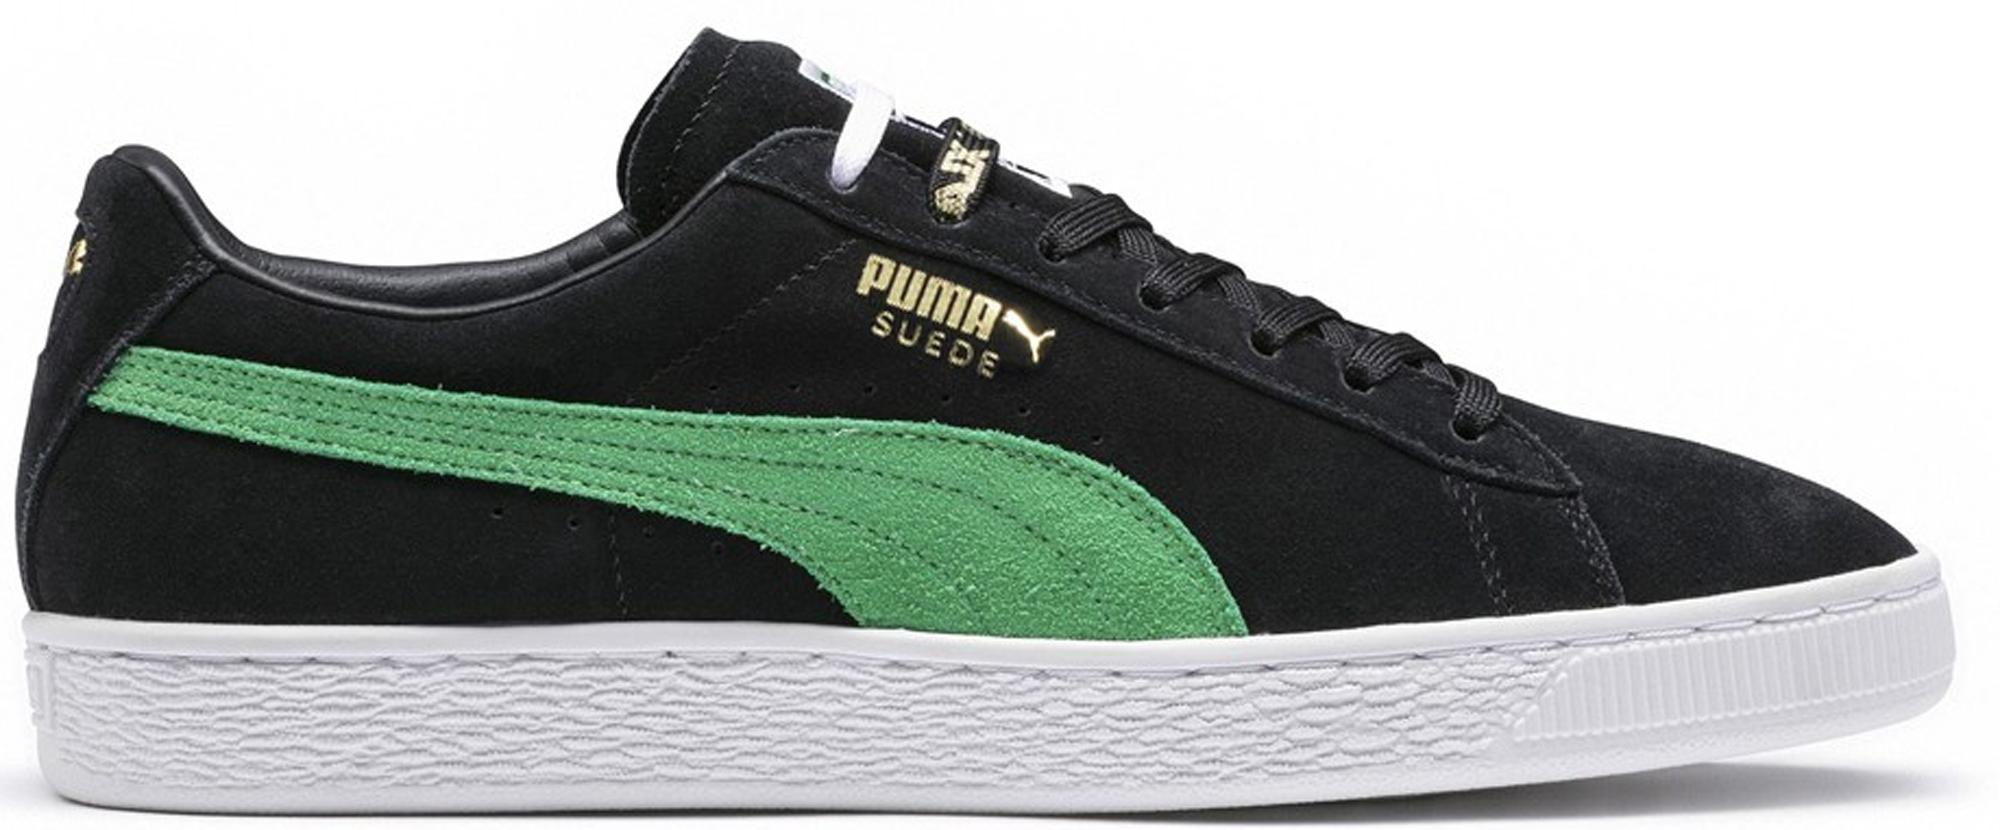 Puma Suede XLARGE - 366307-01